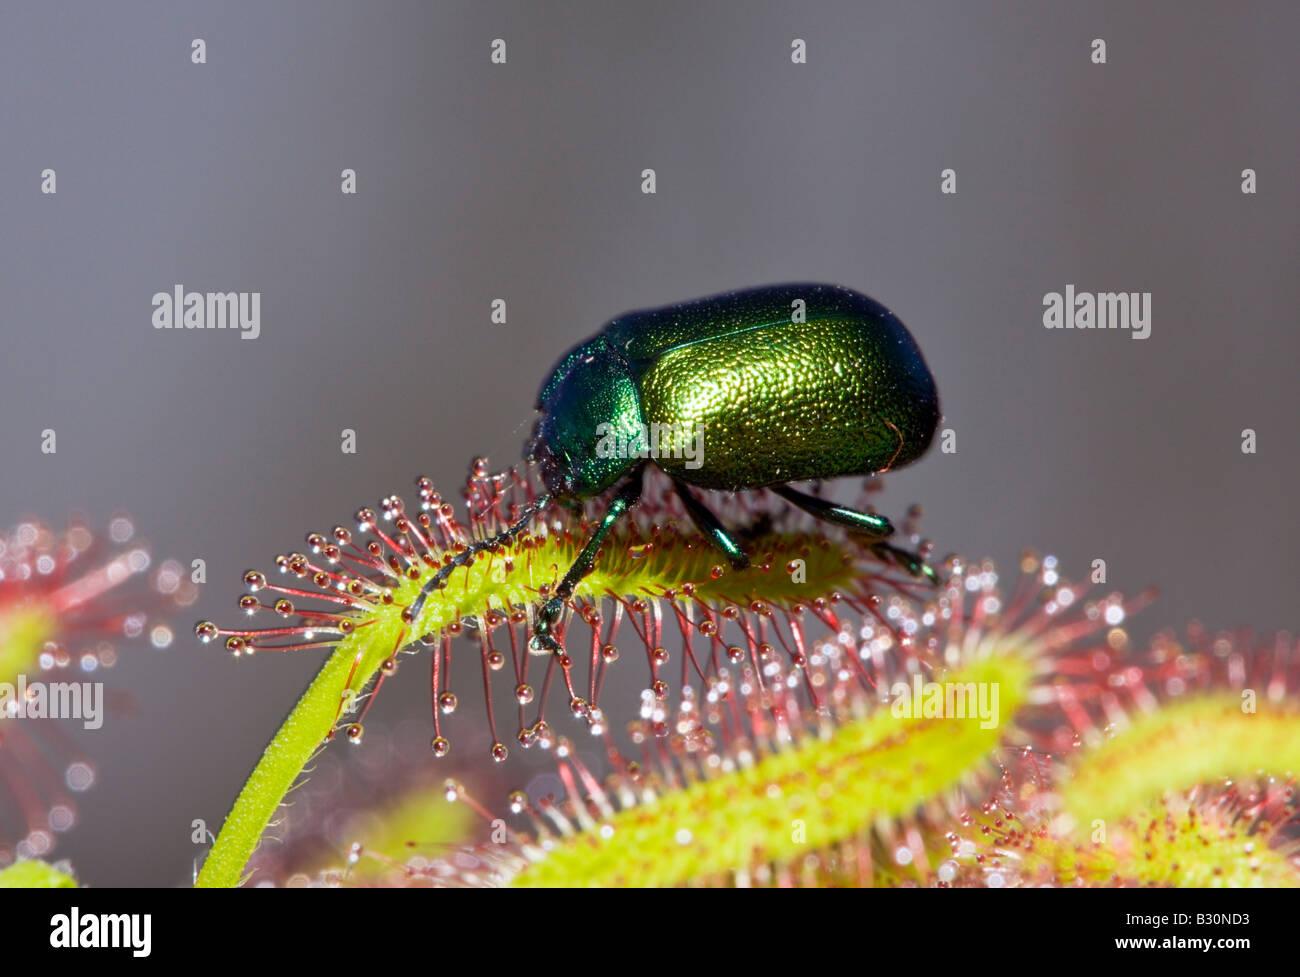 Leaf Beetle on Sundew Chrysomela Drosera Germany Munich Bavaria - Stock Image